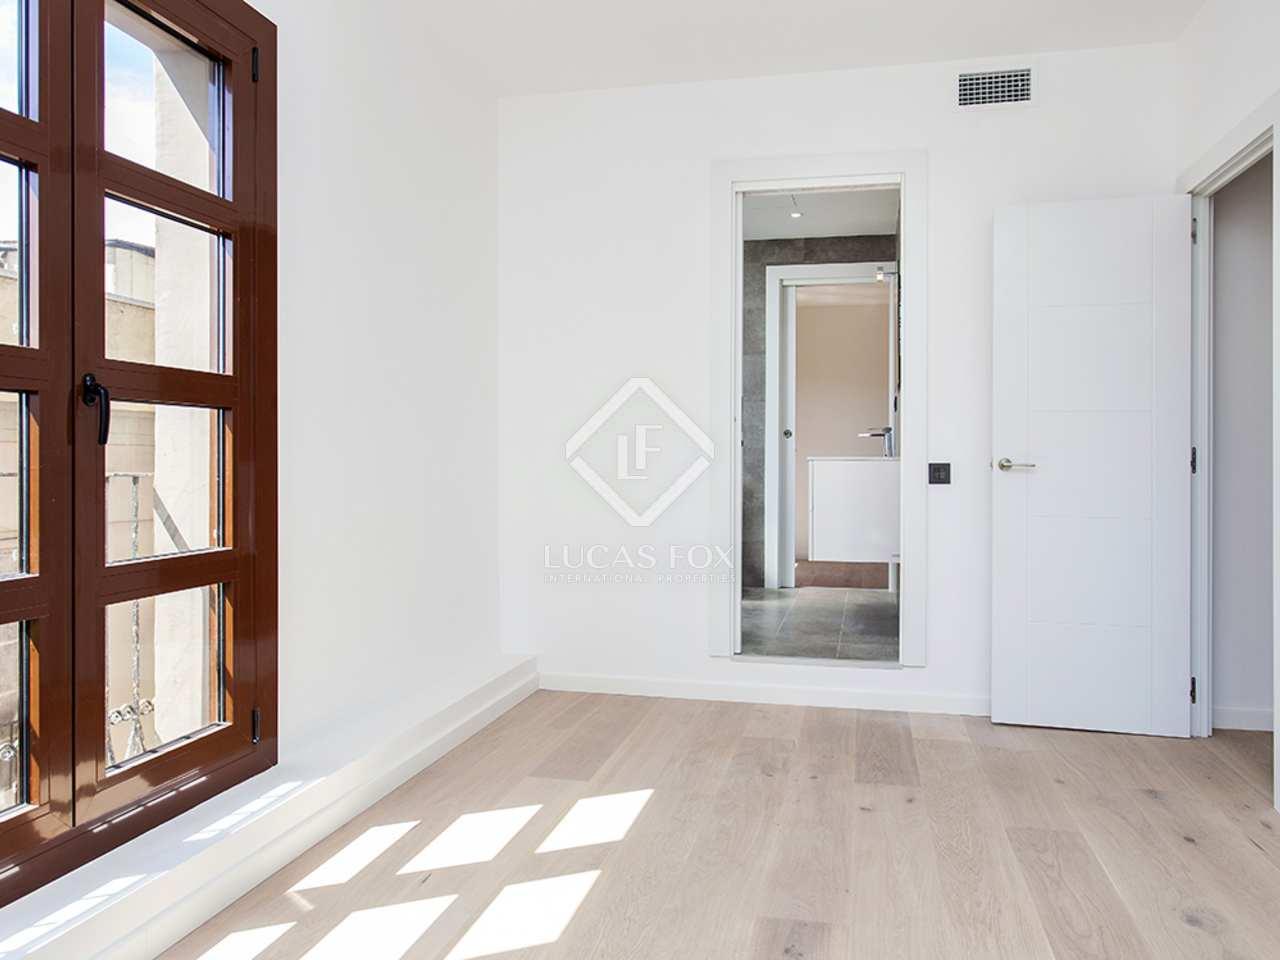 Appartement de 126m a vendre el raval barcelone - Acheter appartement a barcelone ...